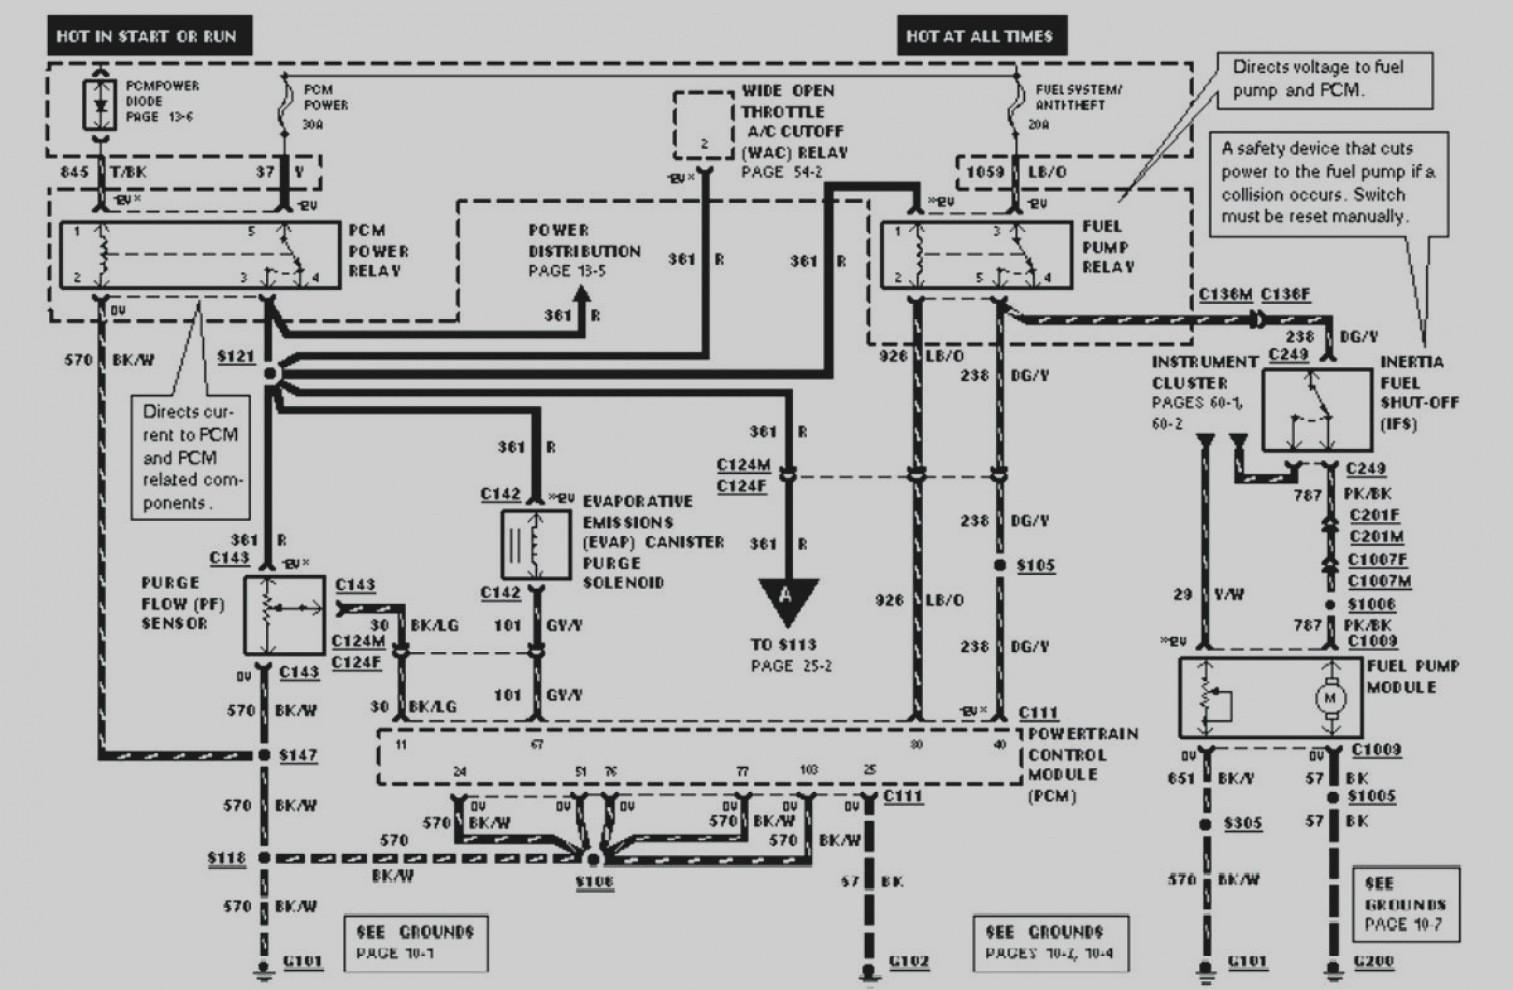 1999 f53 wiring diagram 1 9 artatec automobile de \u20221999 ford v1 0 f53 wiring best wiring library rh 87 chinaczl com 1999 mustang v6 injector wiring diagram 1999 mustang v6 injector wiring diagram